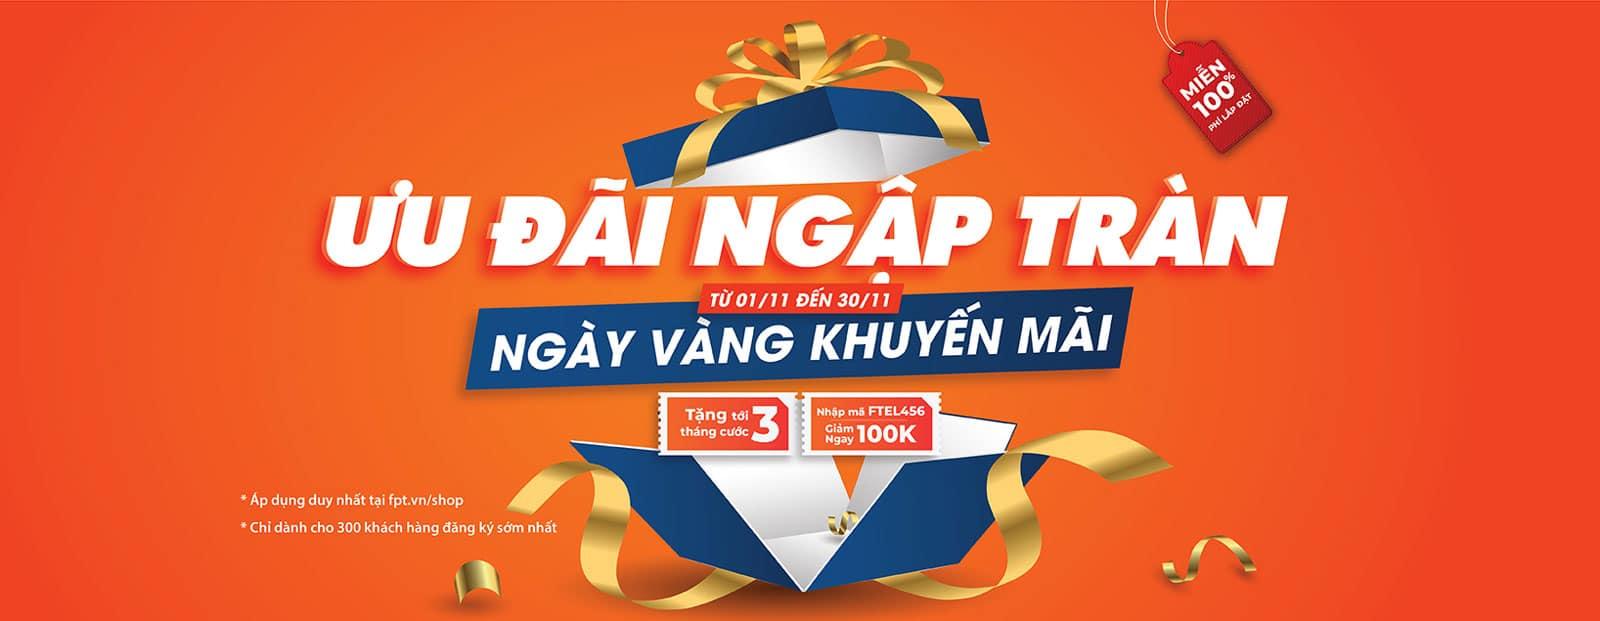 uu-dai-ngap-tran-thang-11-fpt-telecom